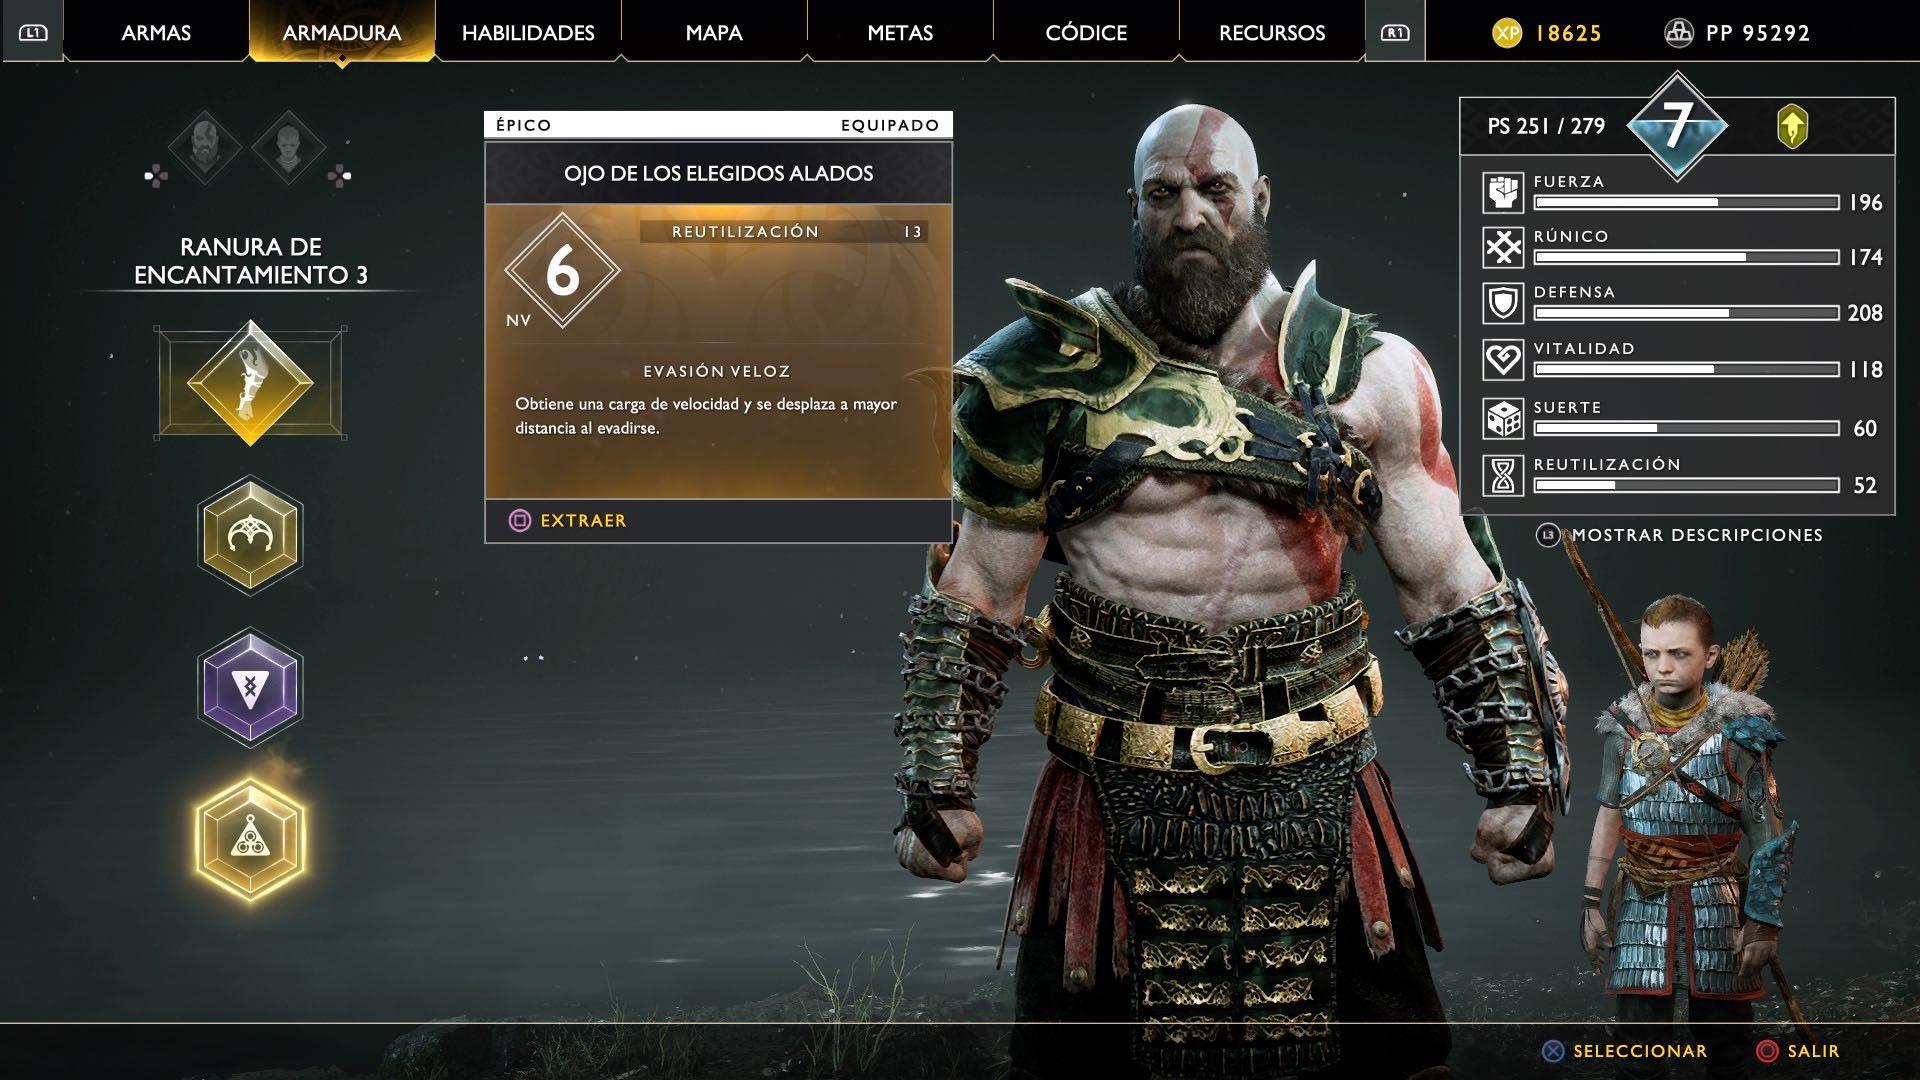 God of War Ojo de los elegidos alados